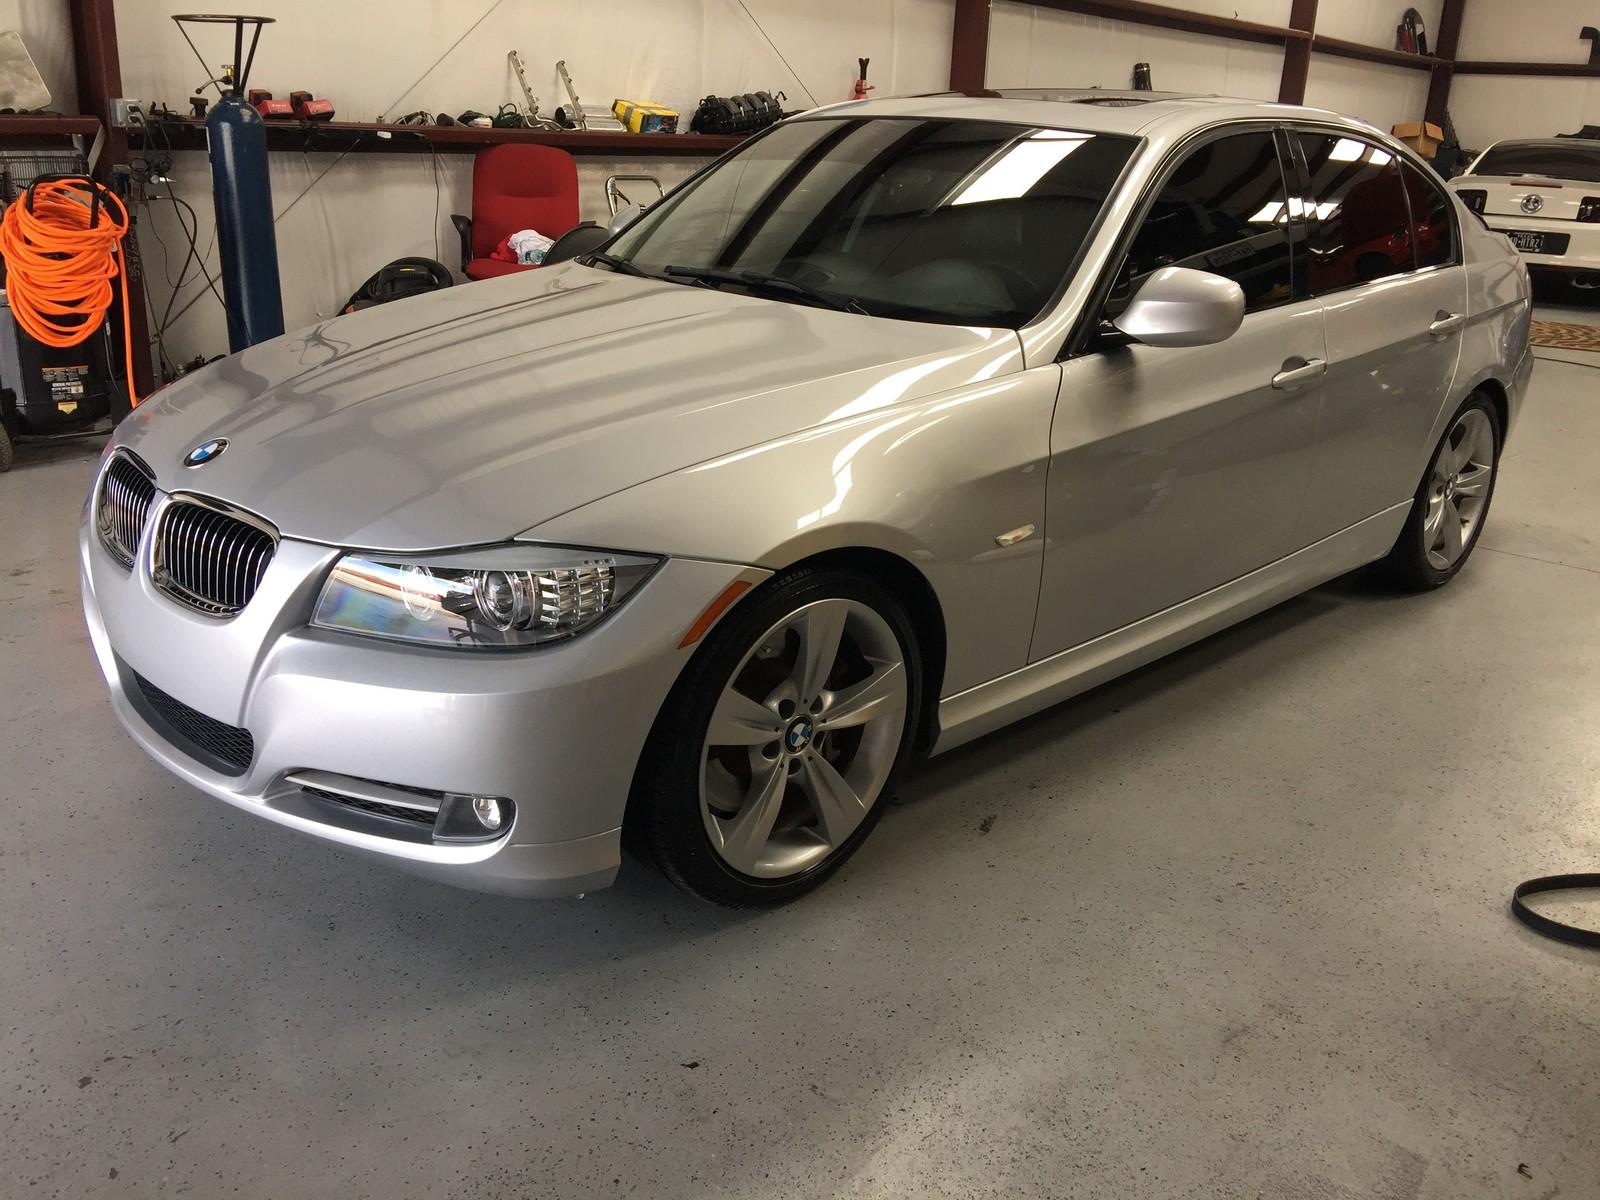 2011 BMW 335i 1/4 mile trap speeds 0-60 - DragTimes.com